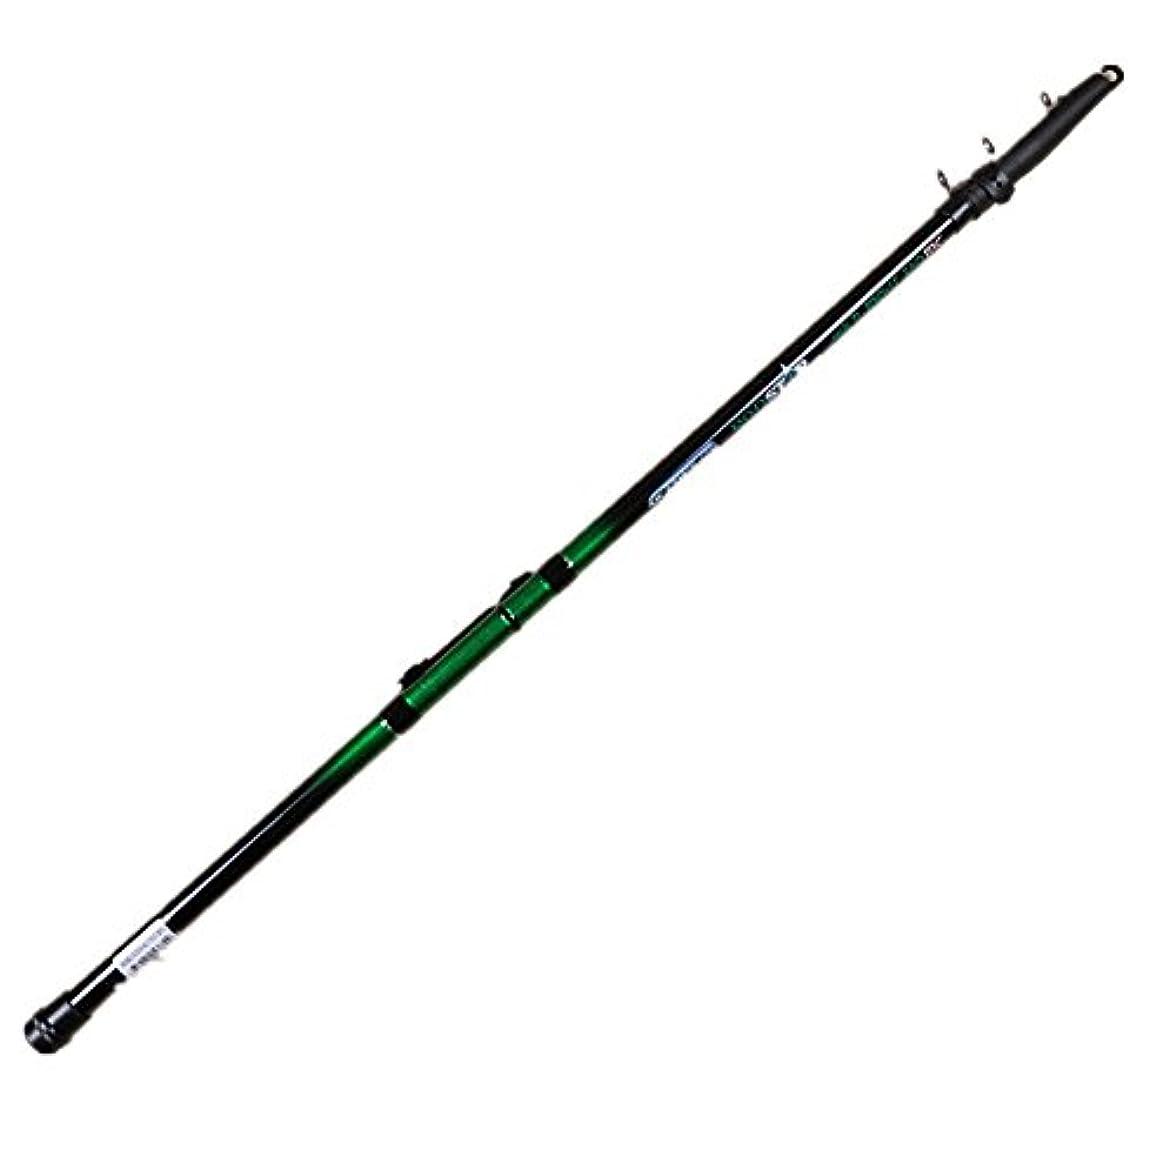 緩む道路を作るプロセスオセアニア釣り ロッド 釣り竿釣り竿釣り用品池リバーサイドに適した炭素鋼棒